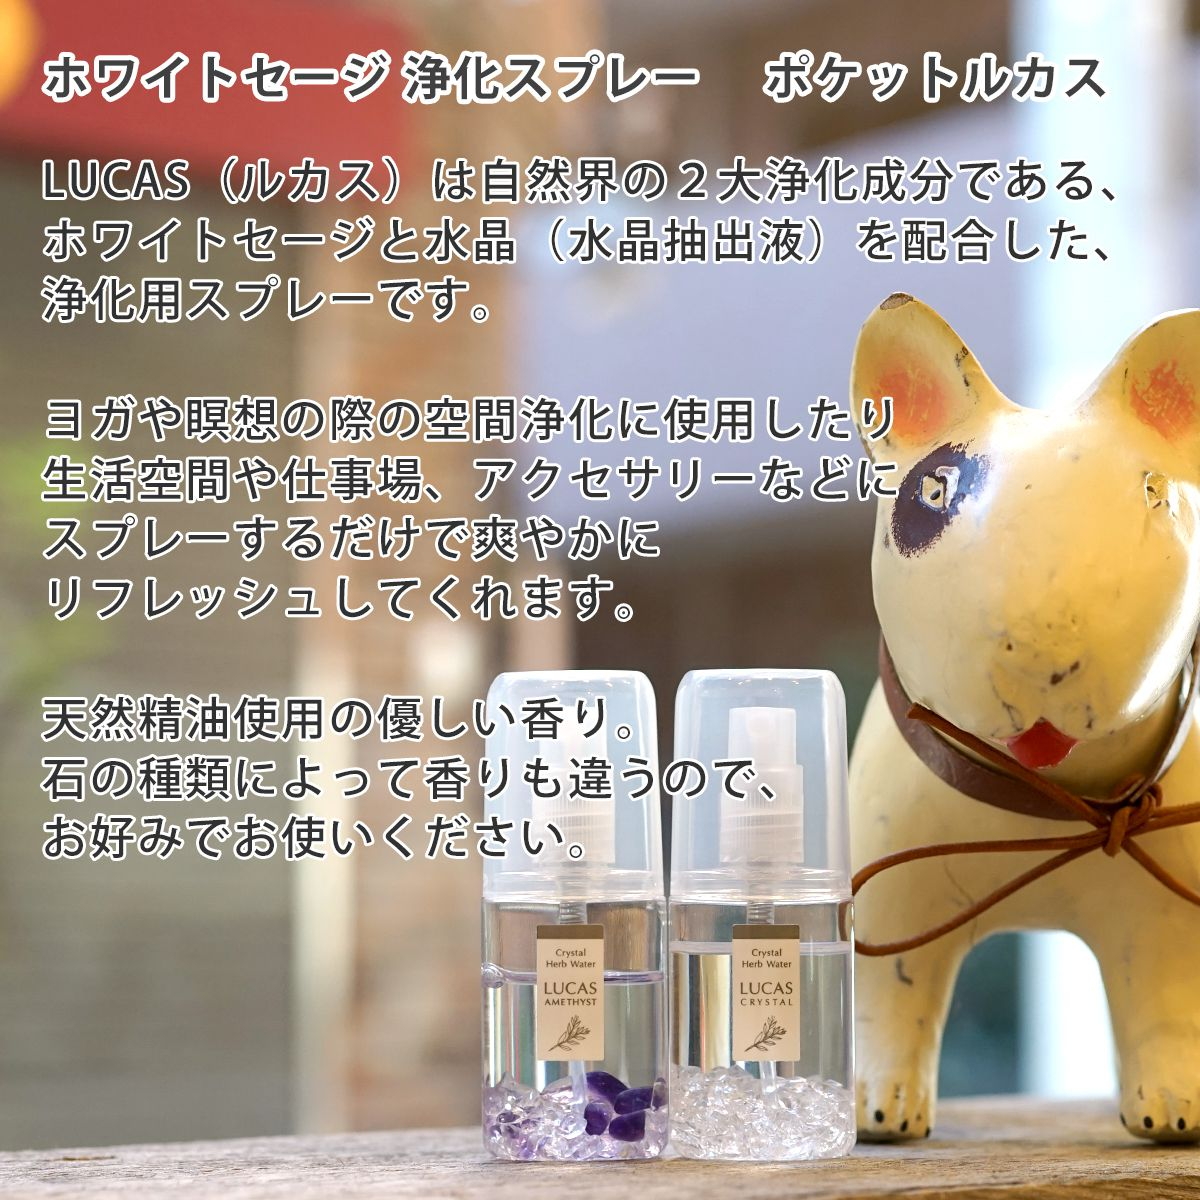 浄化スプレー ポケットルカス 【ローズクォーツ】(天然成分100%)